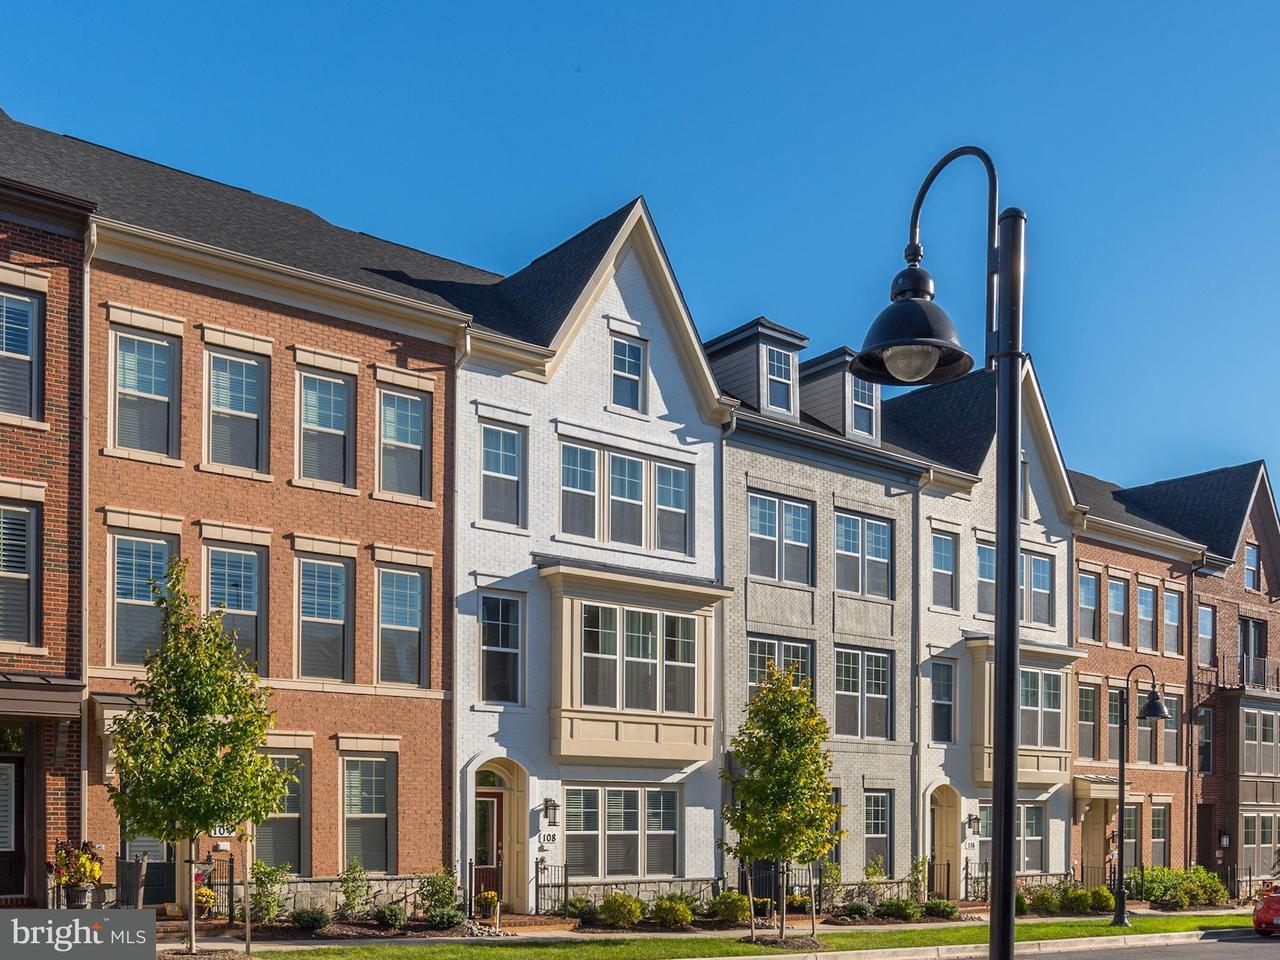 Townhouse for Sale at 108 KEPLER Drive 108 KEPLER Drive Gaithersburg, Maryland 20878 United States